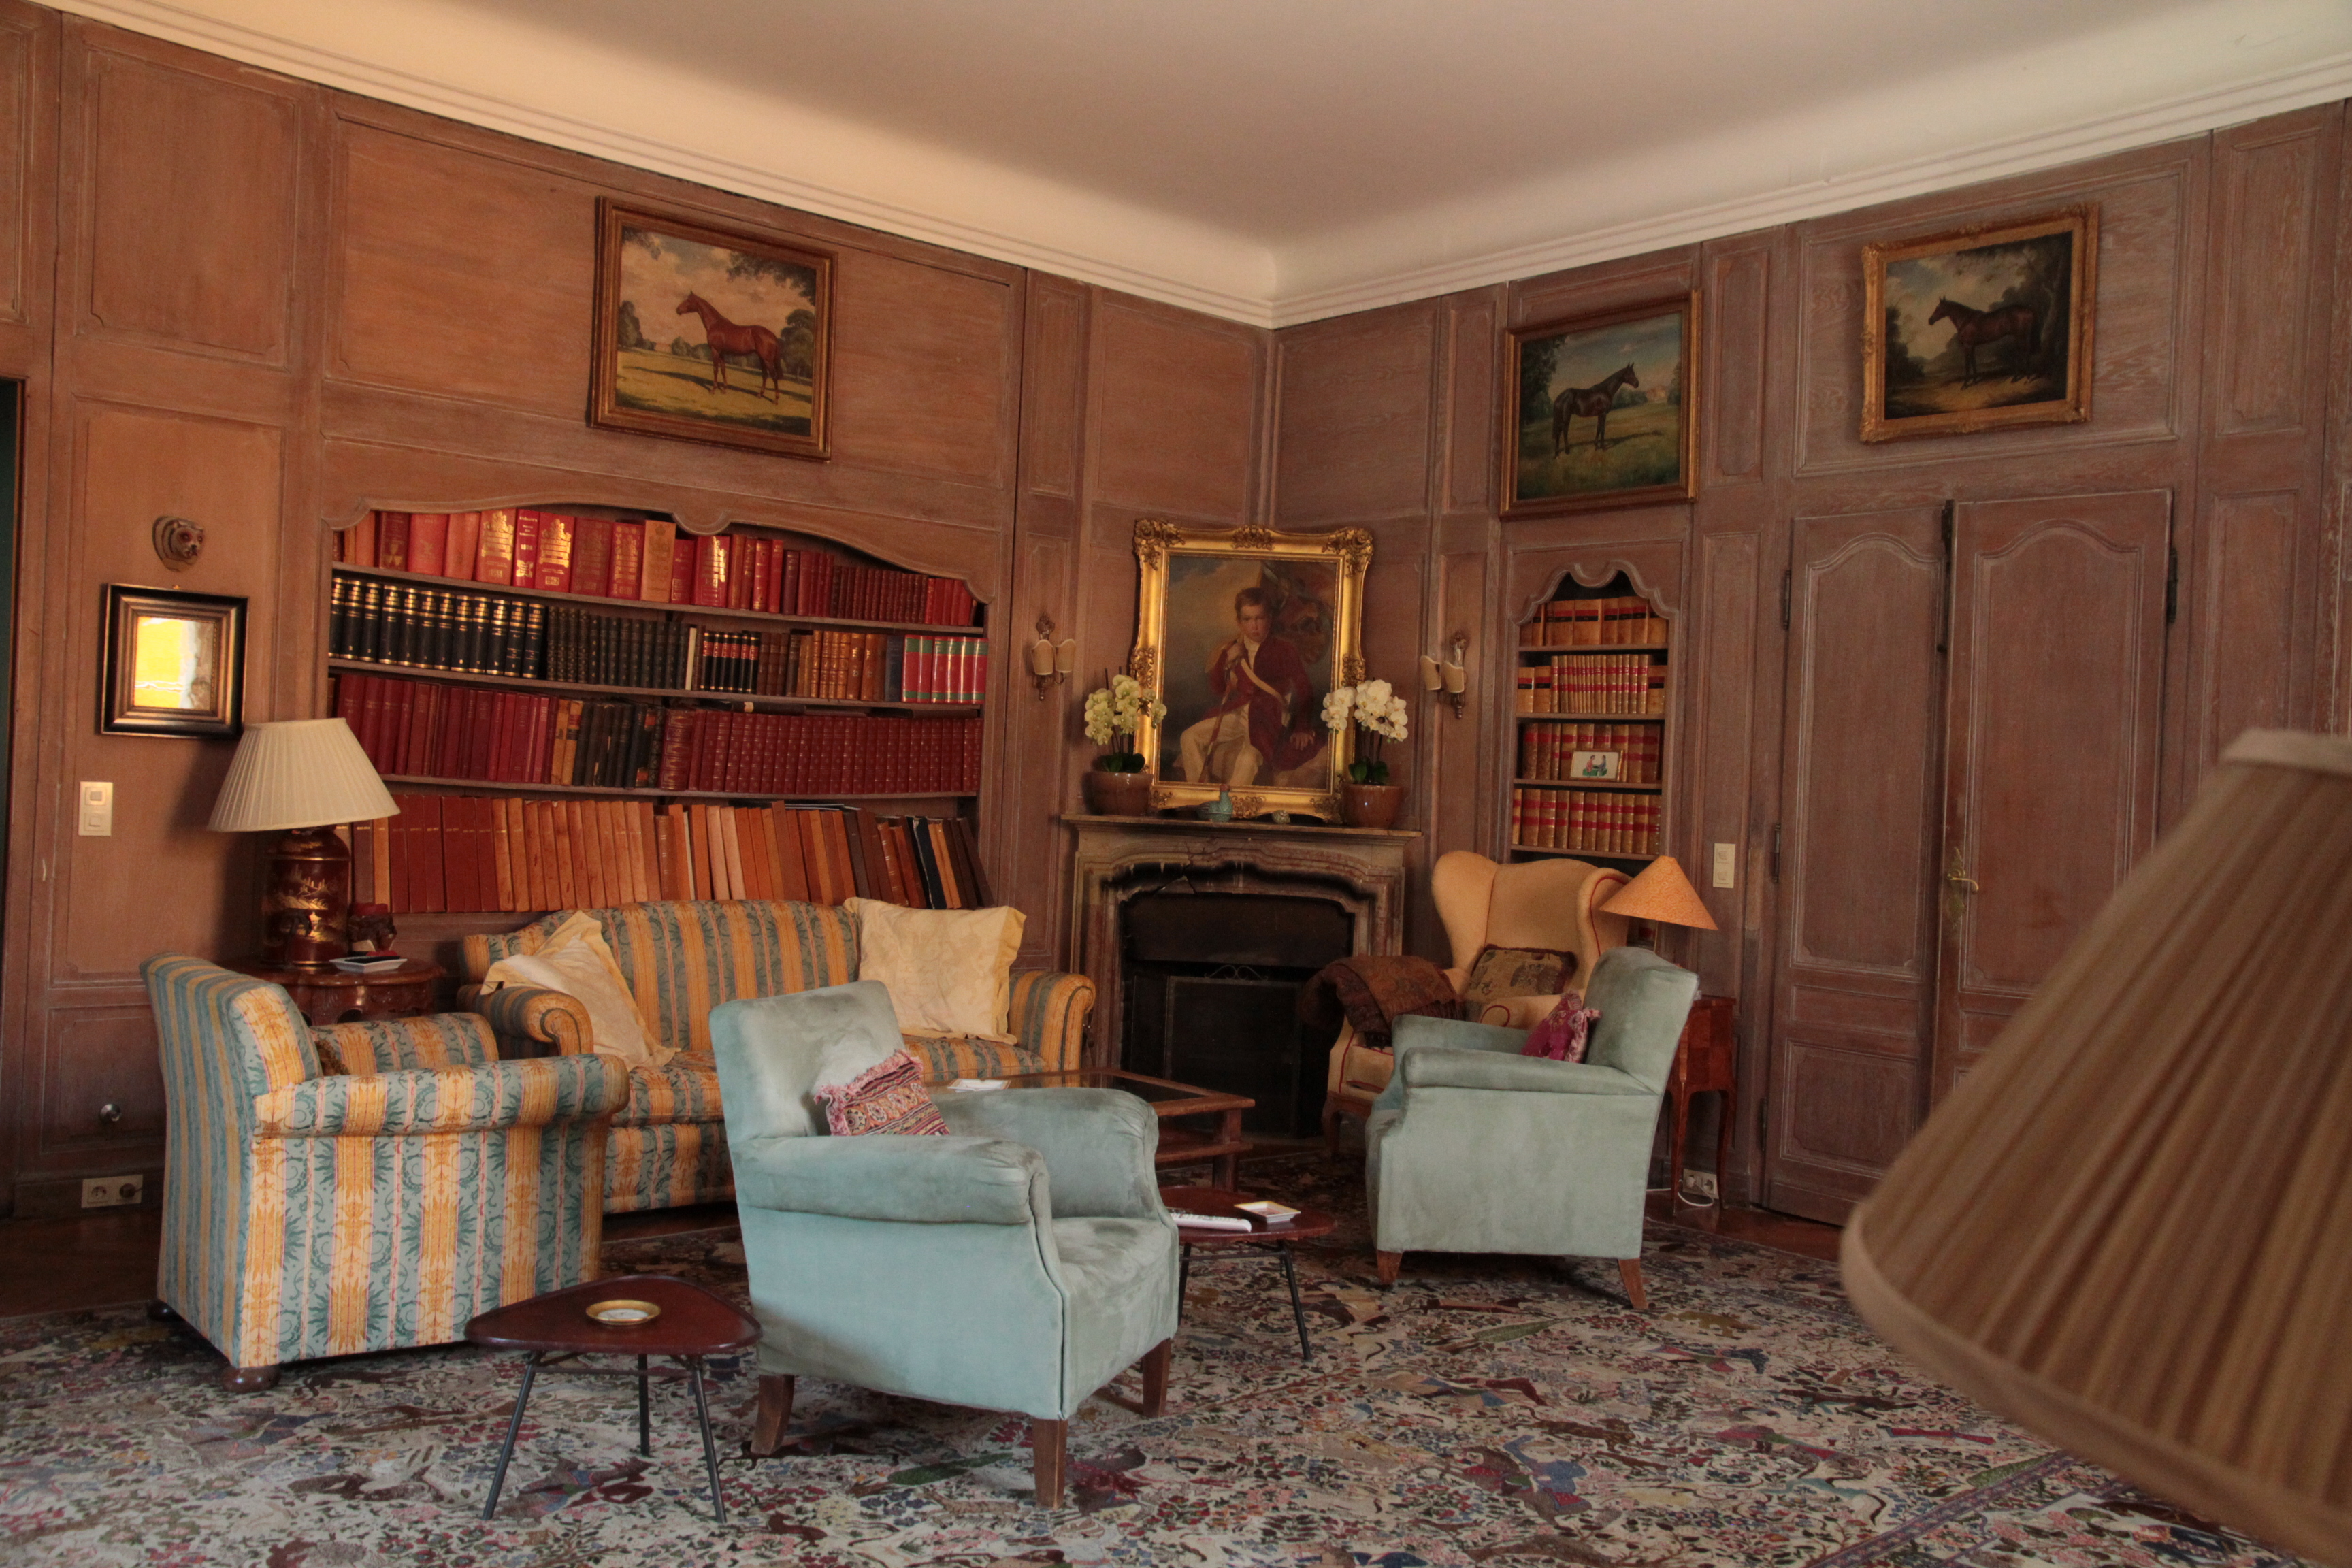 Appartement de vacances Luxuriöses, einzigartiges barockes Schloss, aufwendig eingerichtet (2306589), St. Pölten, Mostviertel, Basse Autriche, Autriche, image 21